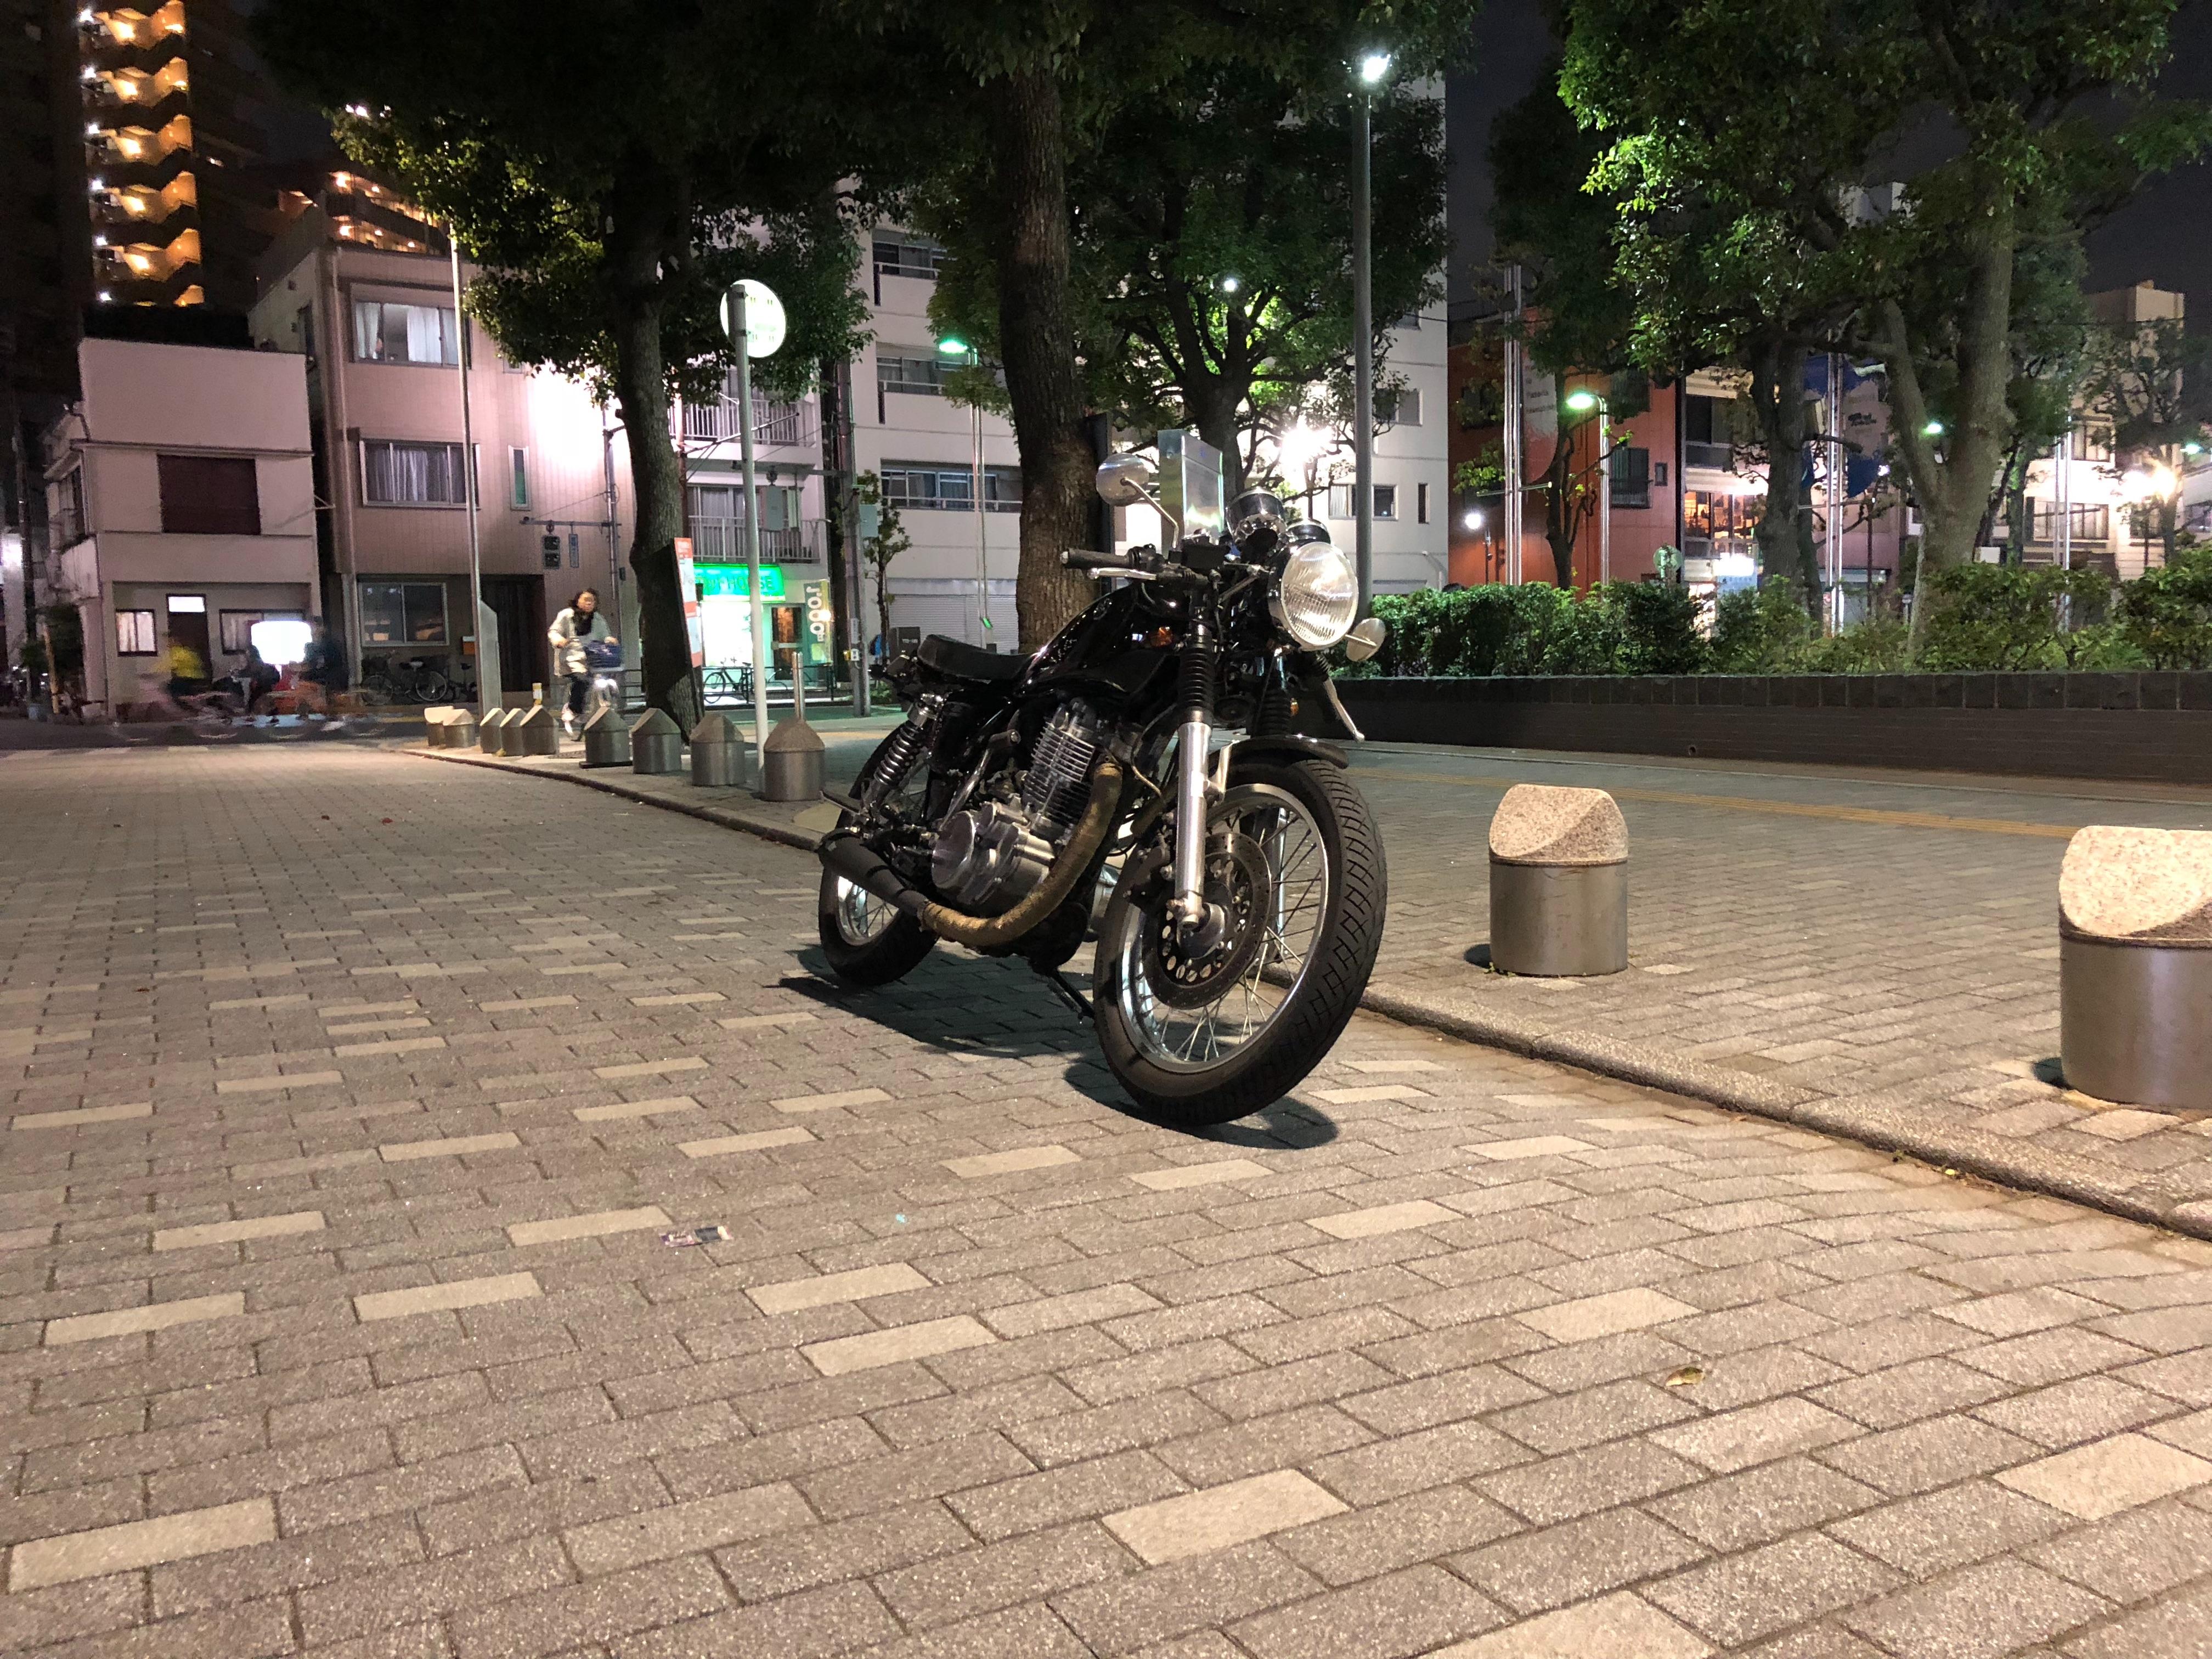 f:id:yukiaveiro:20181108212500j:image